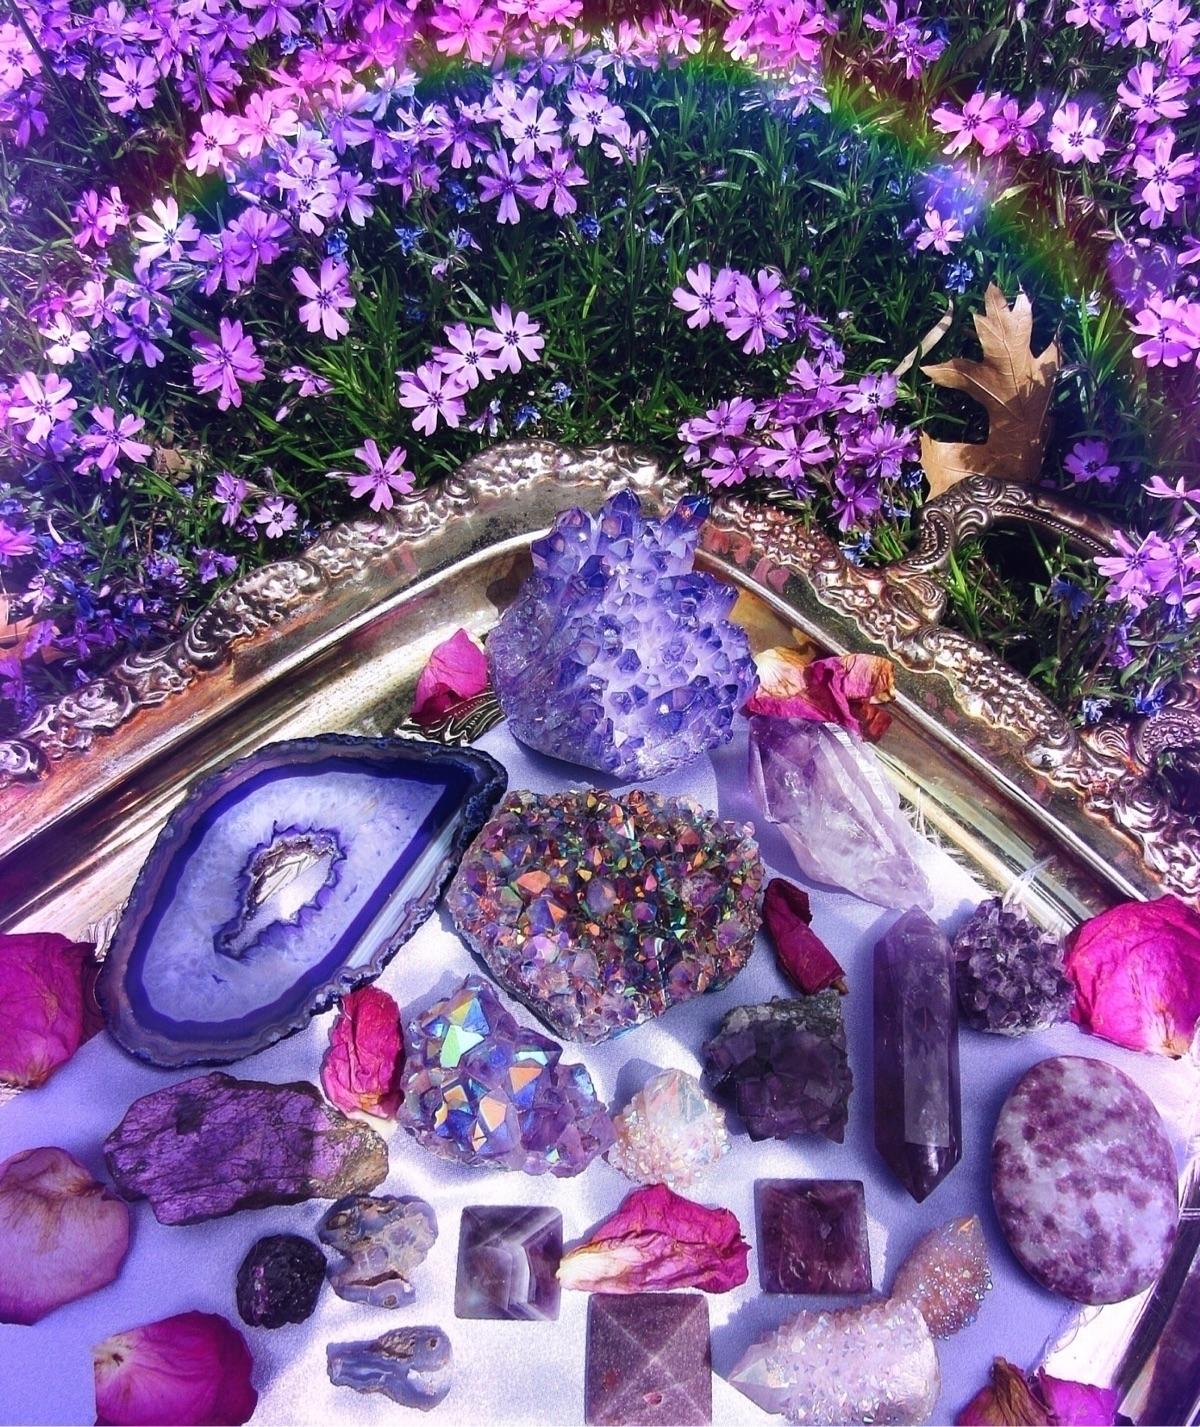 Purple Prince manifested crysta - amarisland | ello